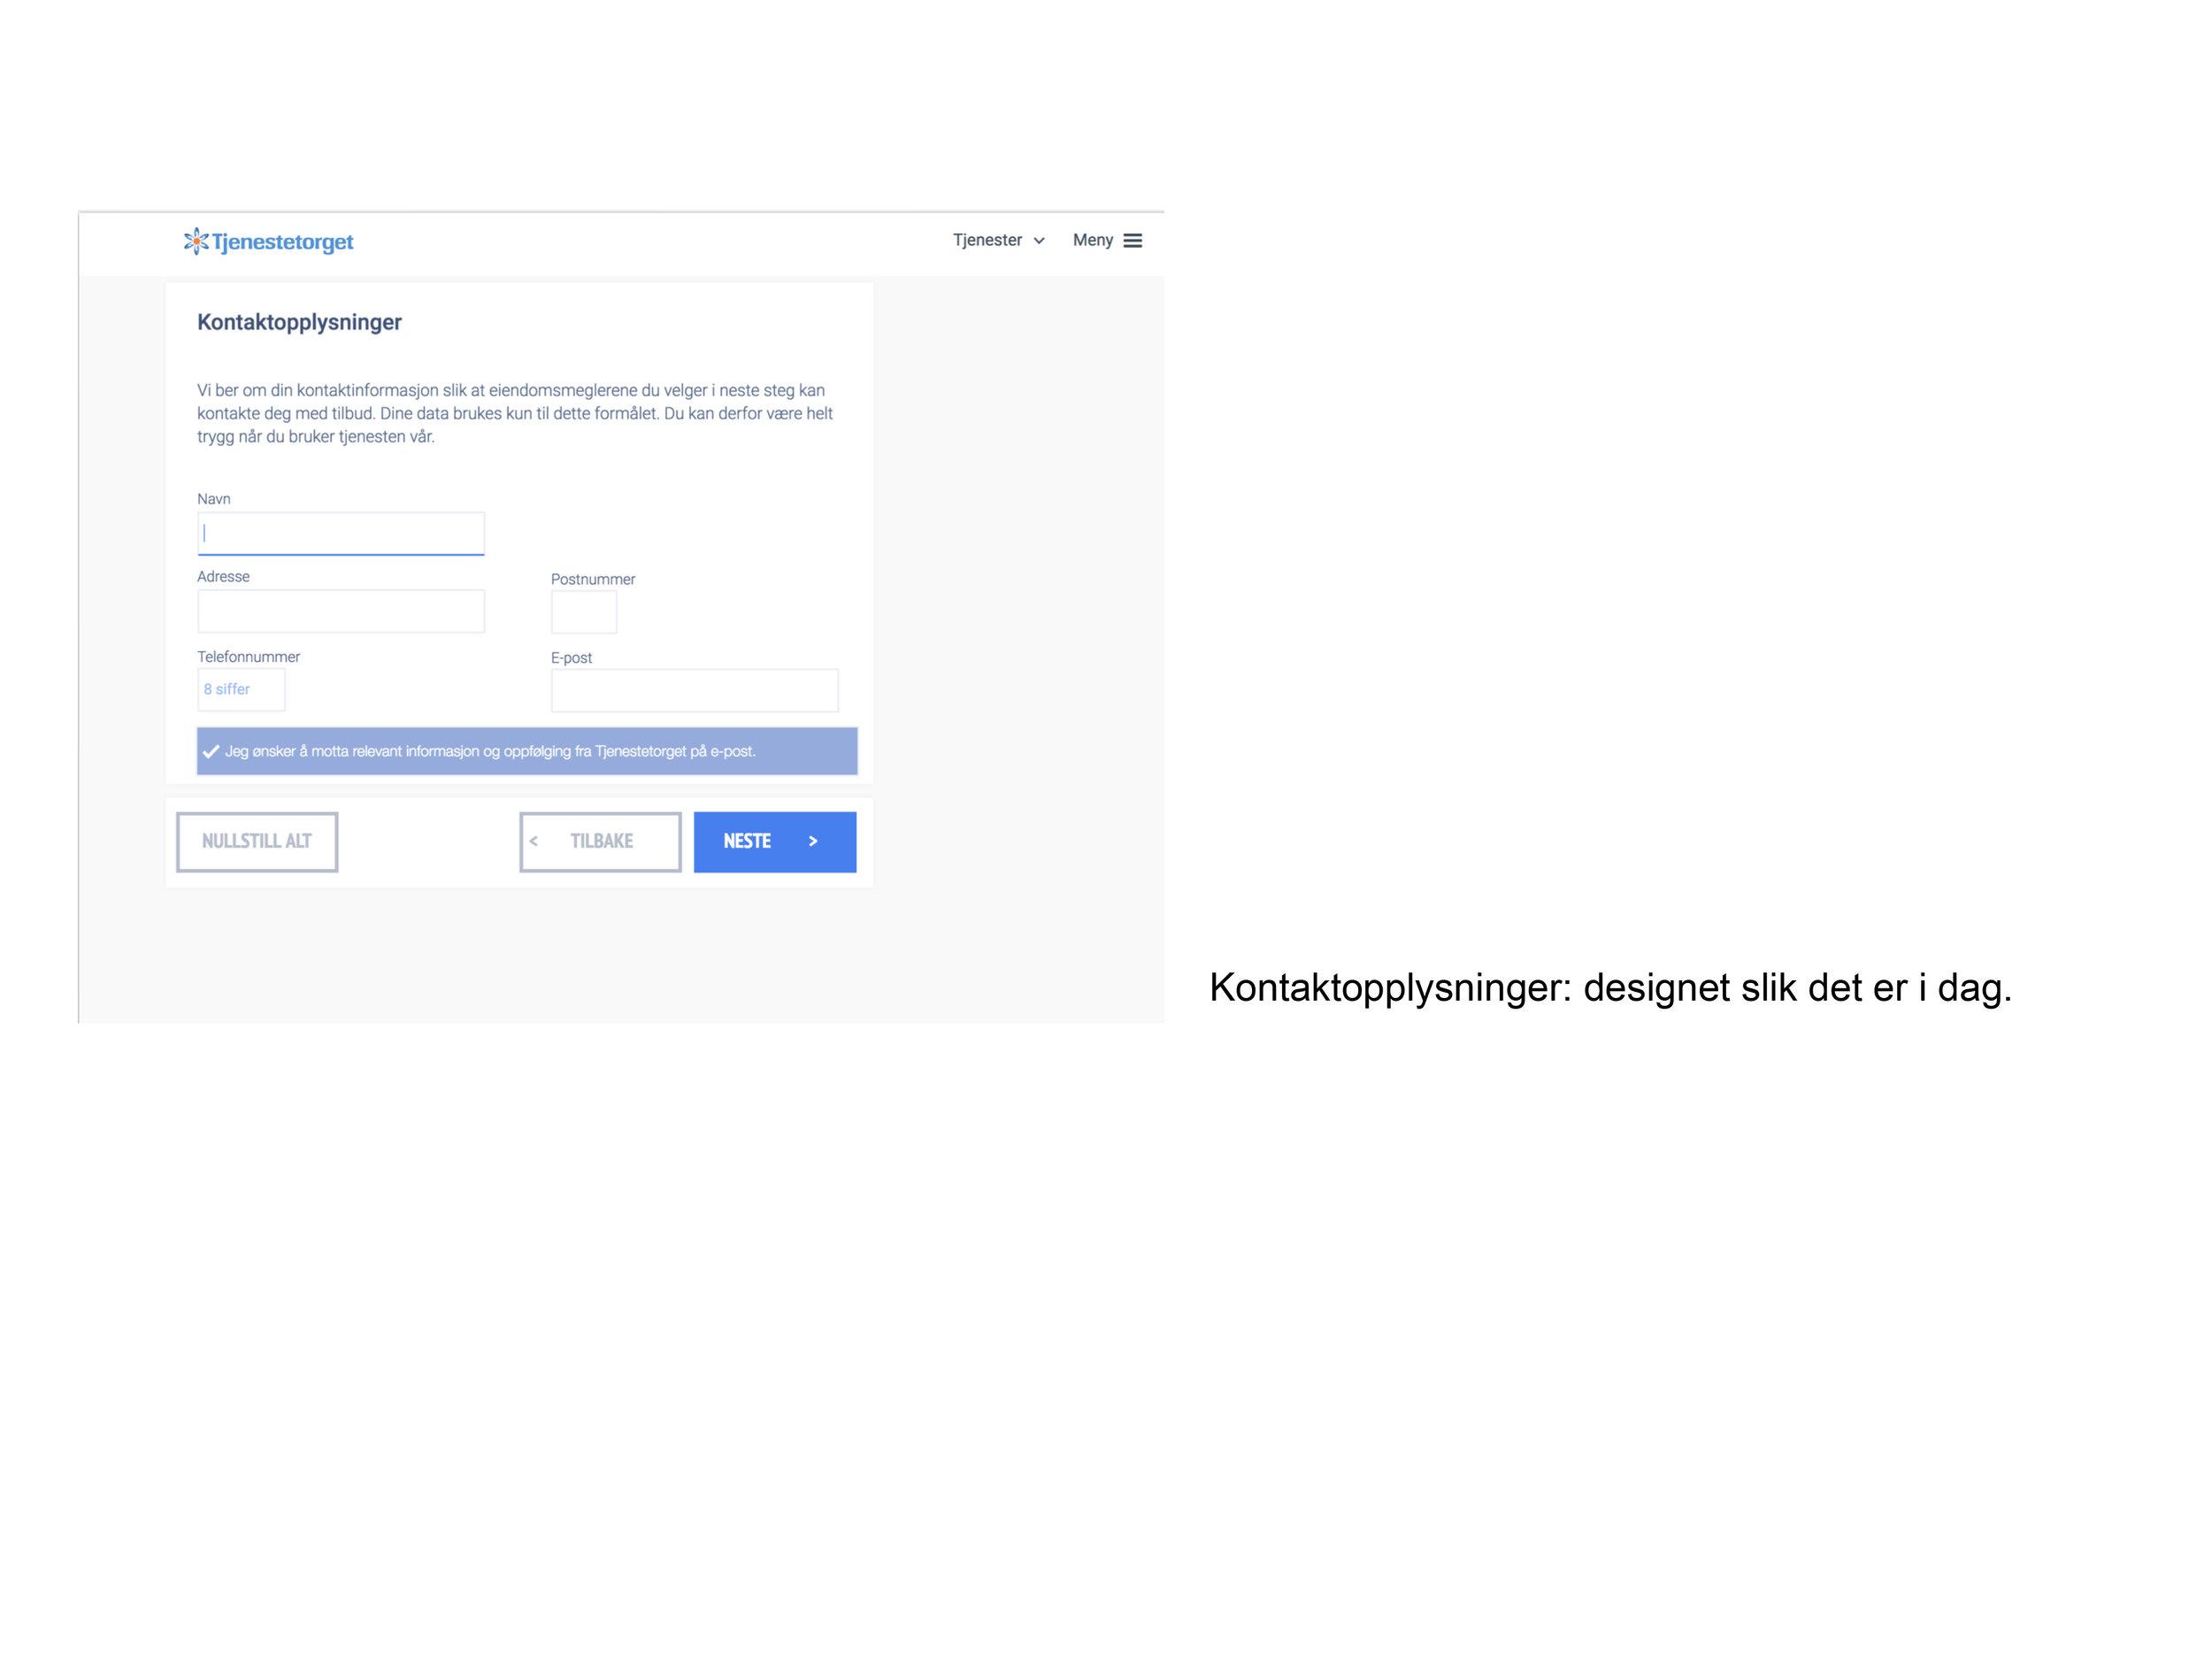 tjenestetorget oppgave presentasjon copy43.jpg